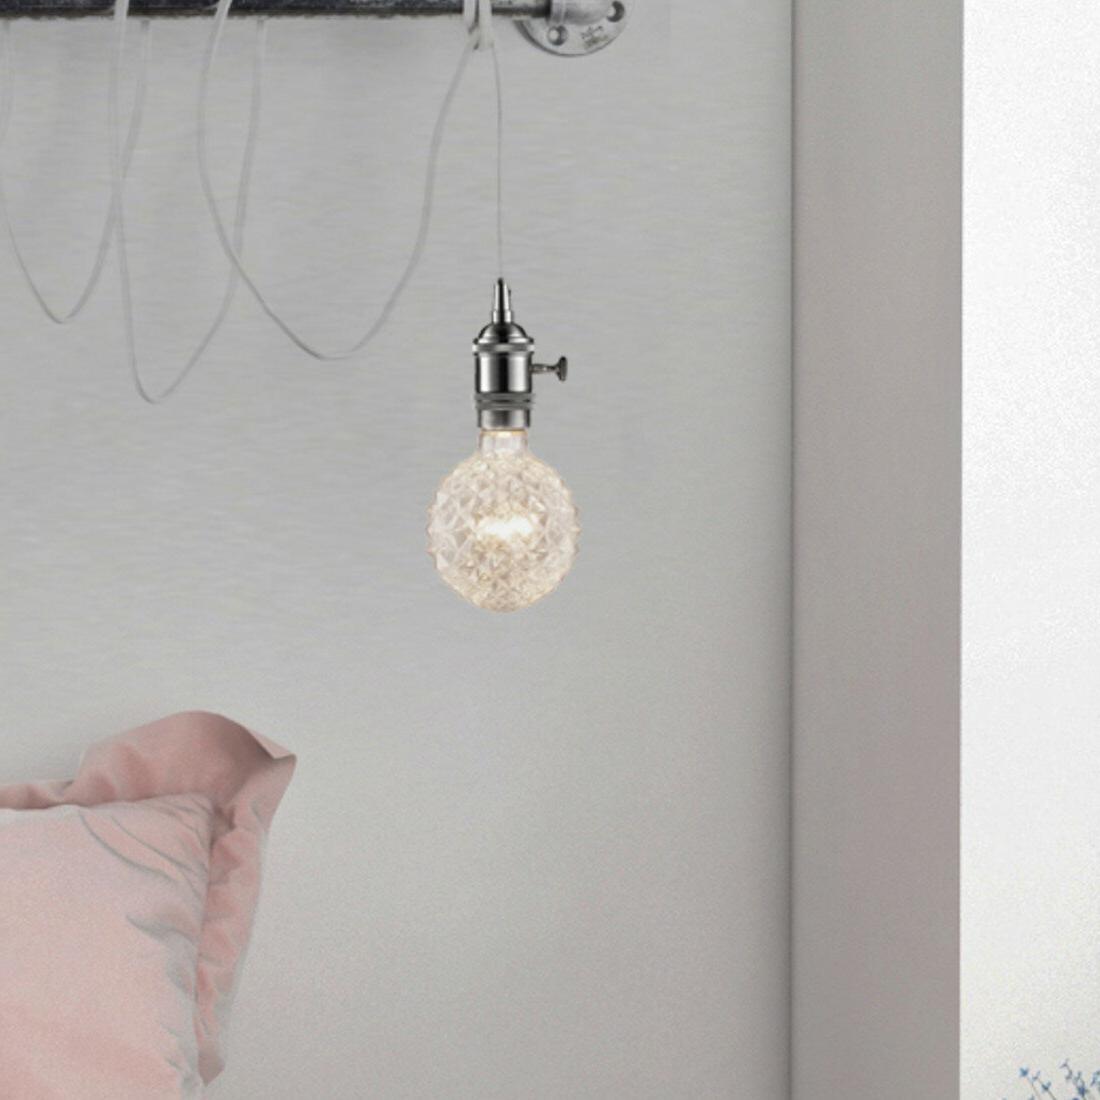 2019 Madeline 1 Light Single Globe Pendant Intended For Ryker 1 Light Single Dome Pendants (View 25 of 25)